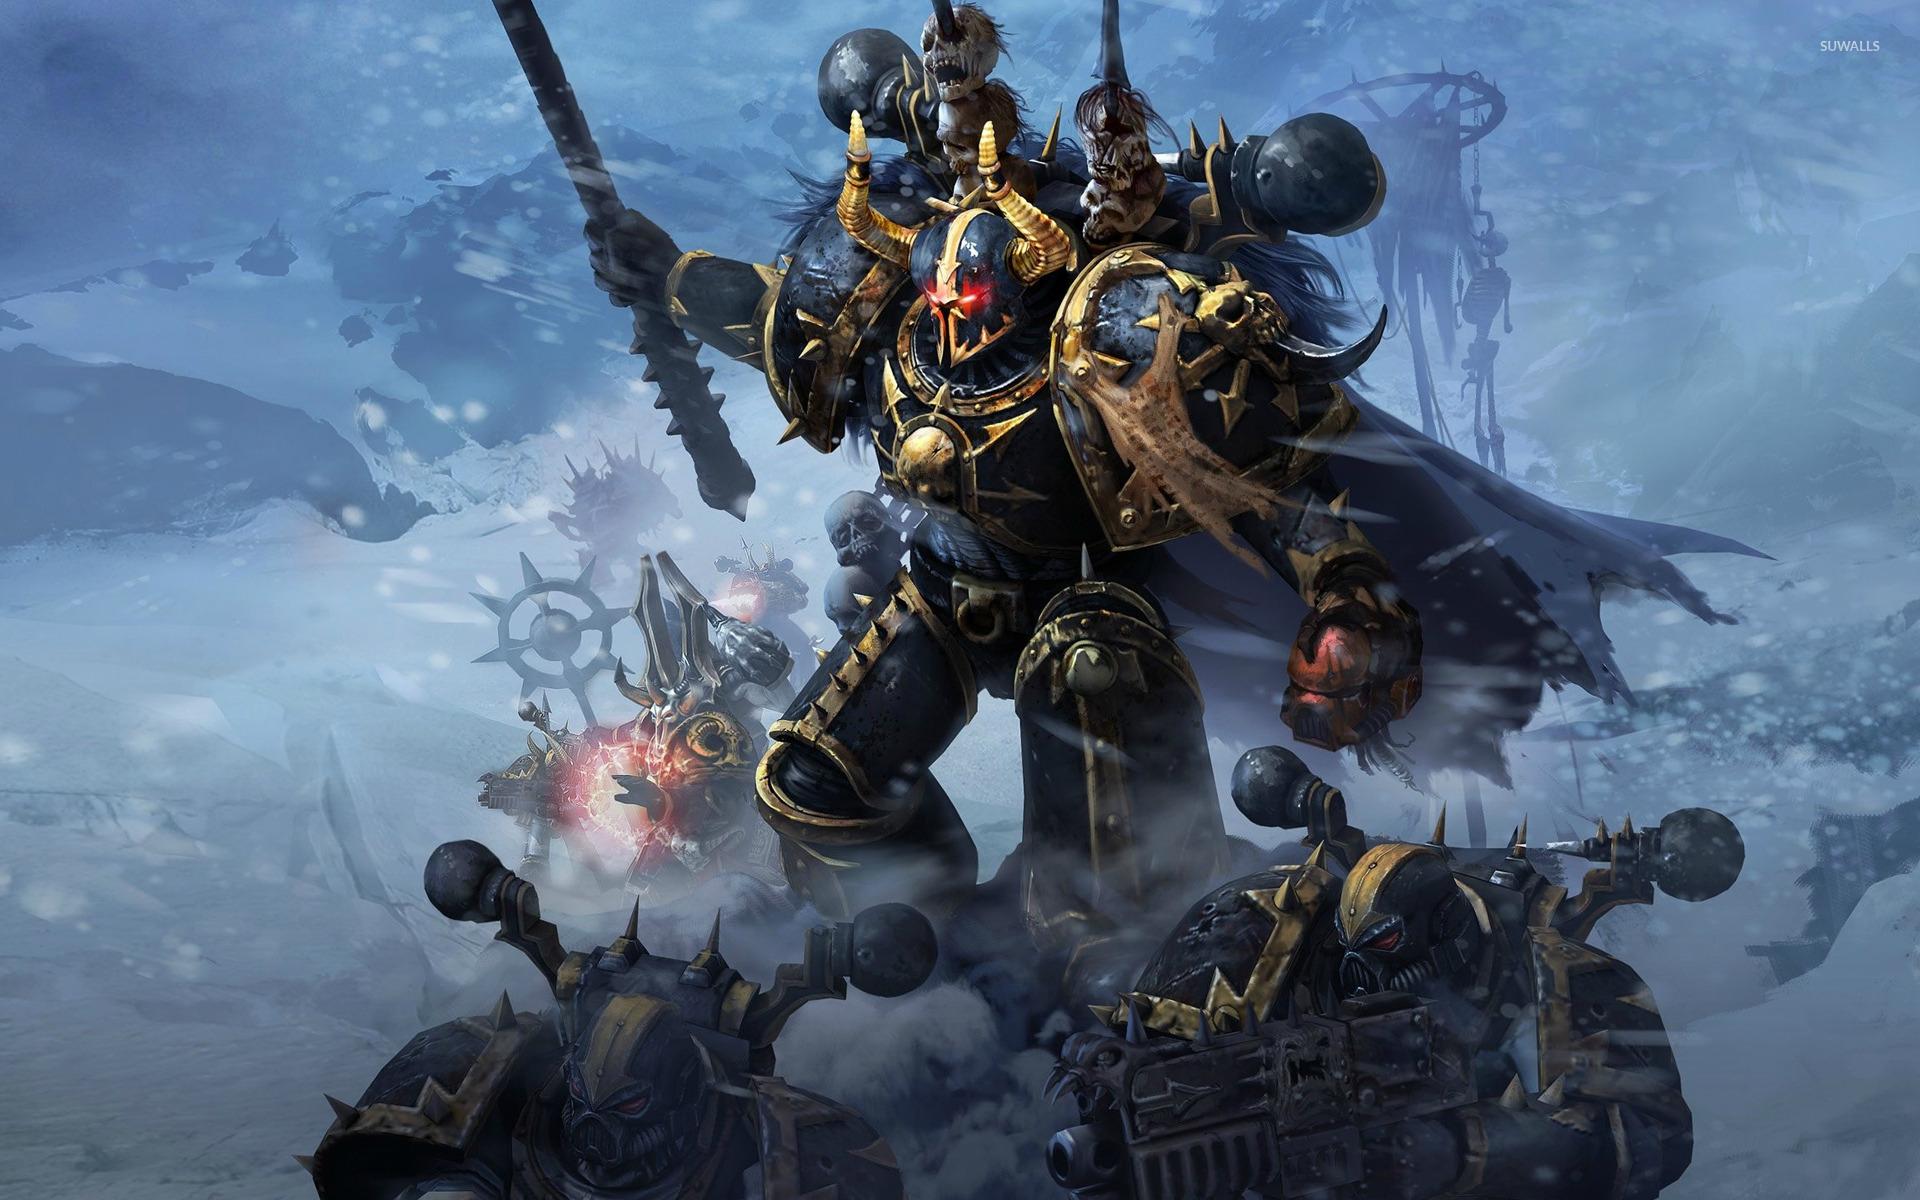 Free Download Warhammer 40k Space Marine Wallpaper Warhammer 40000